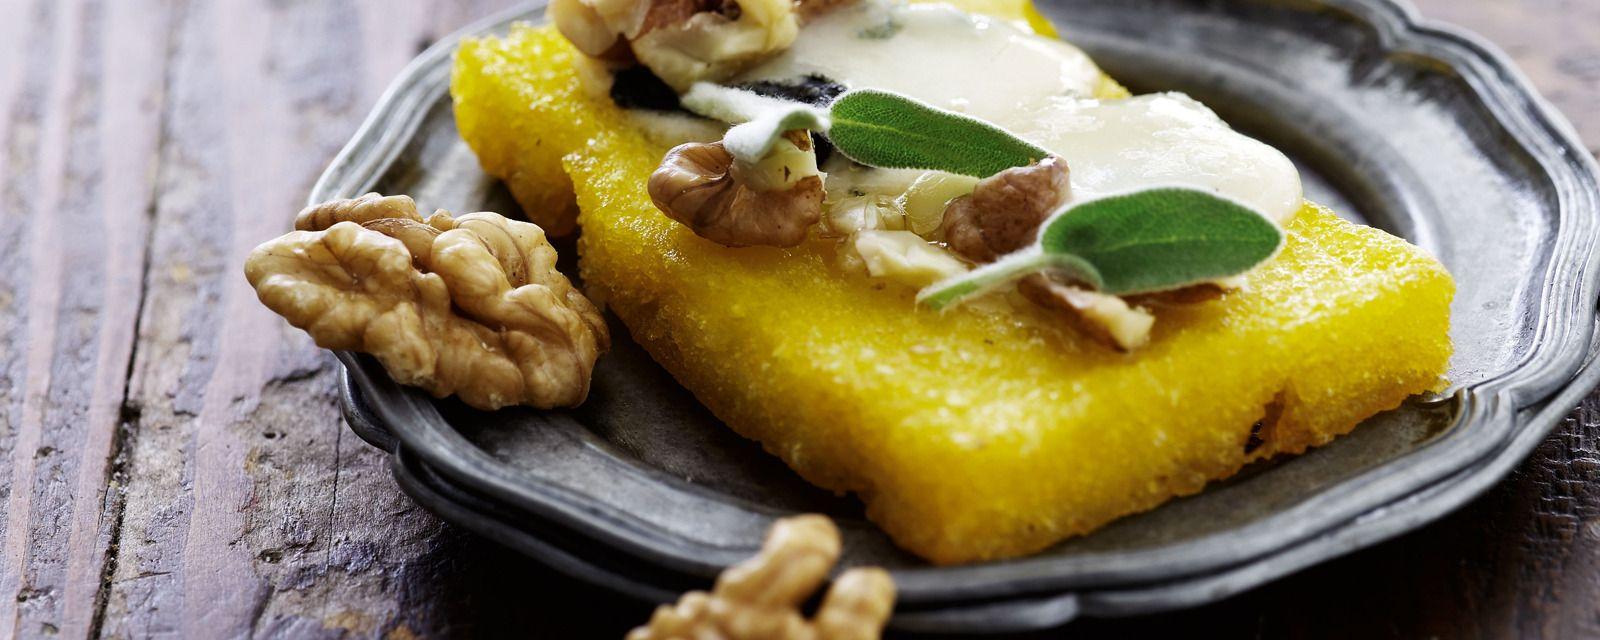 Ristet polenta med gorgonzola og valn+©dder_1600x640px